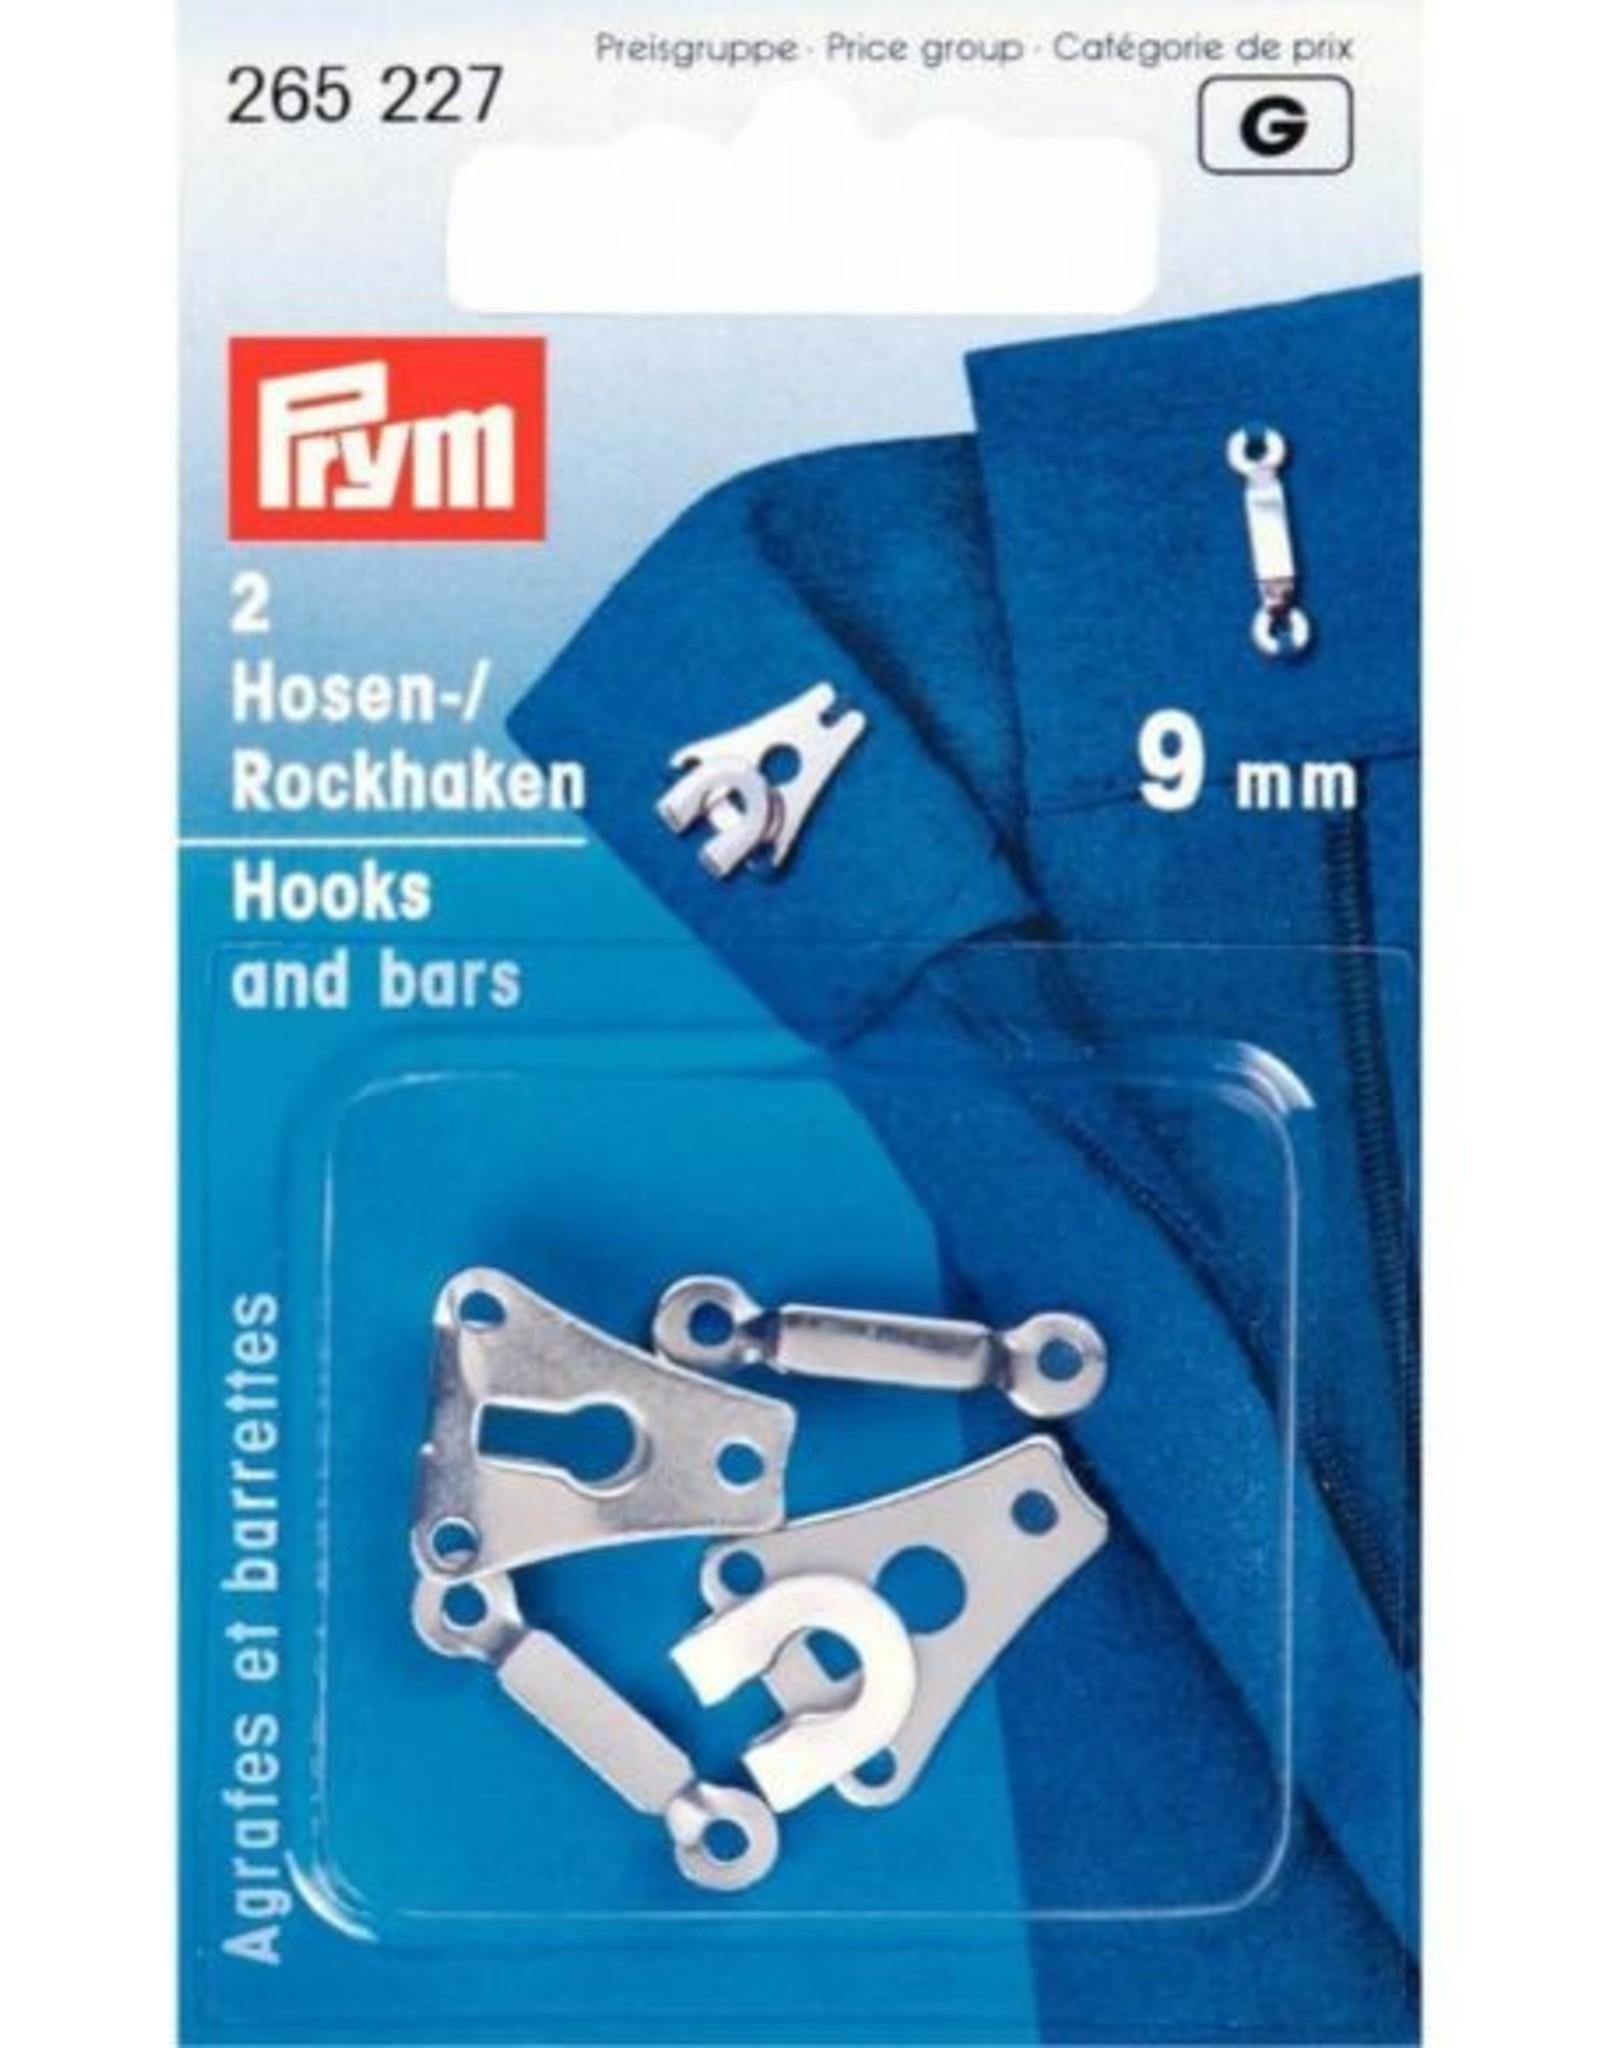 Prym prym - rokhaken zilver 9 mm - 265 227